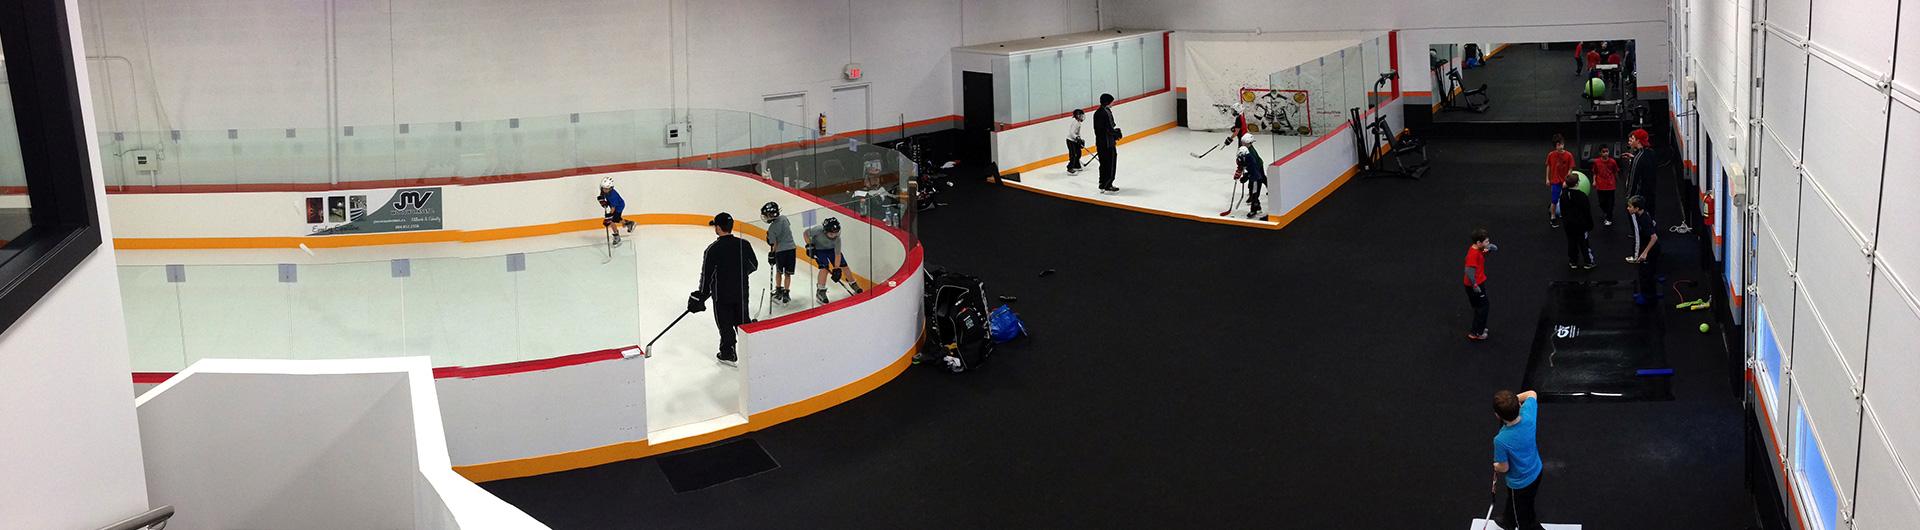 Синтетический лед для хоккея Xtraice